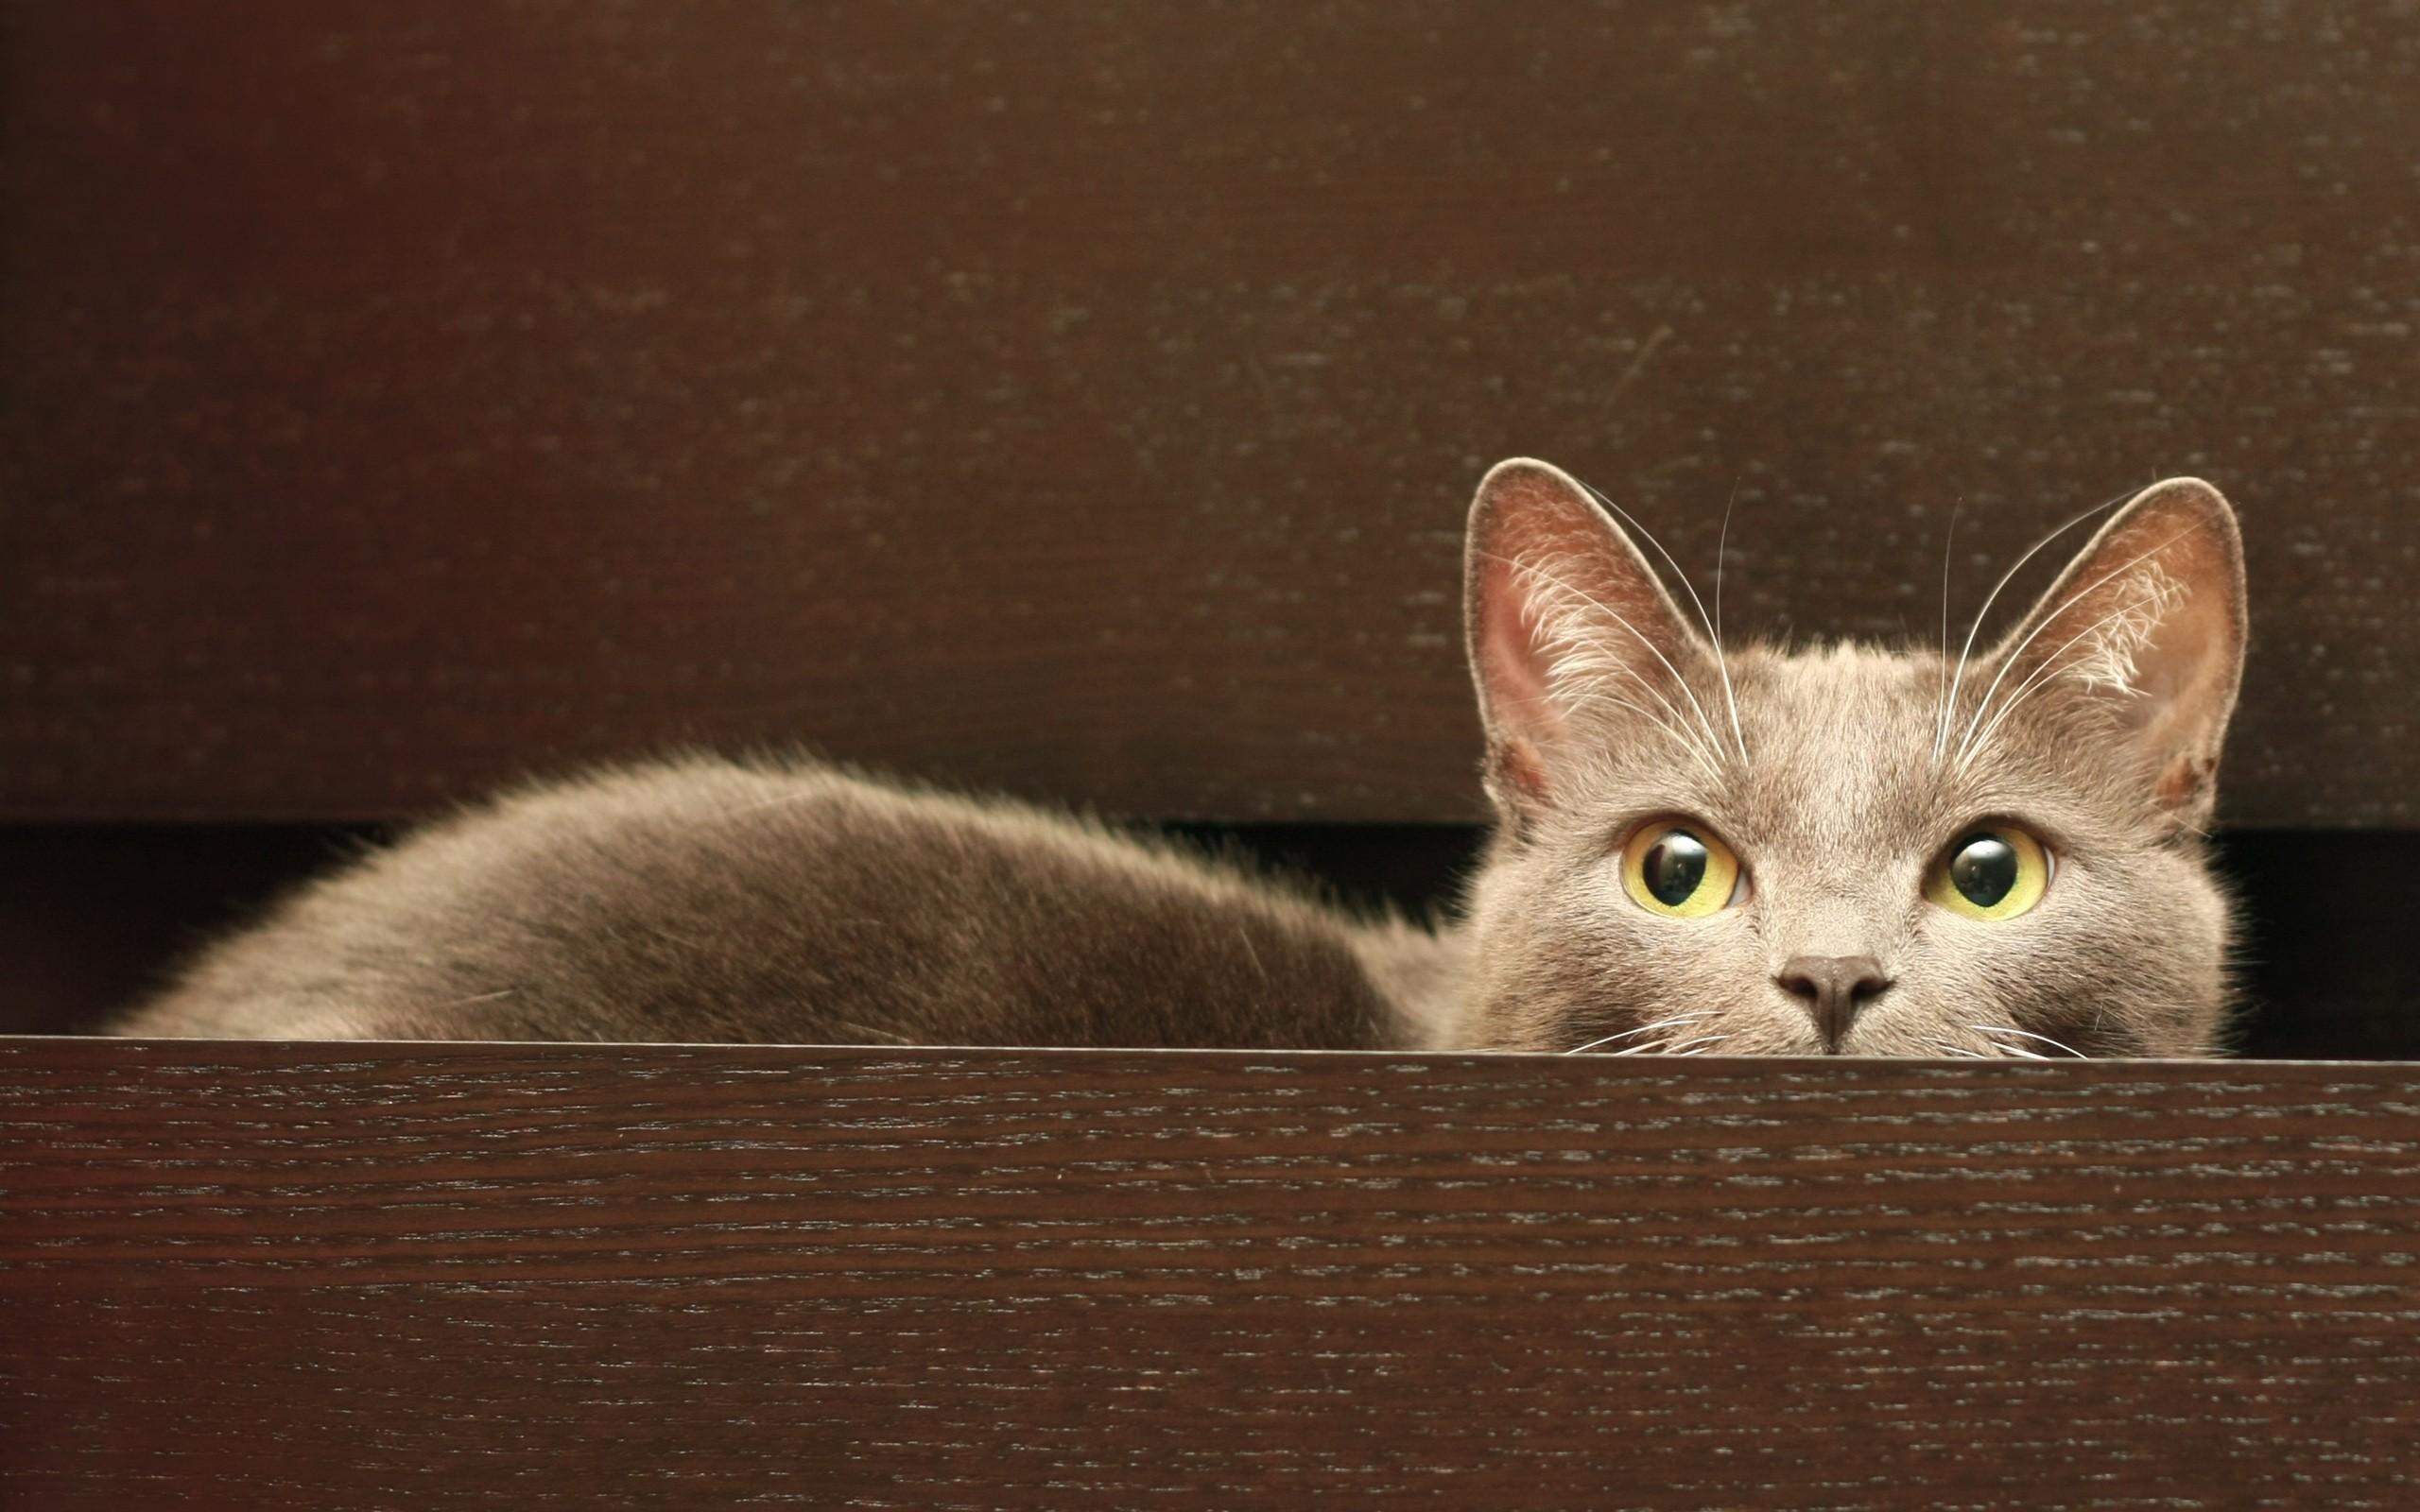 Un gato oculto - 2560x1600